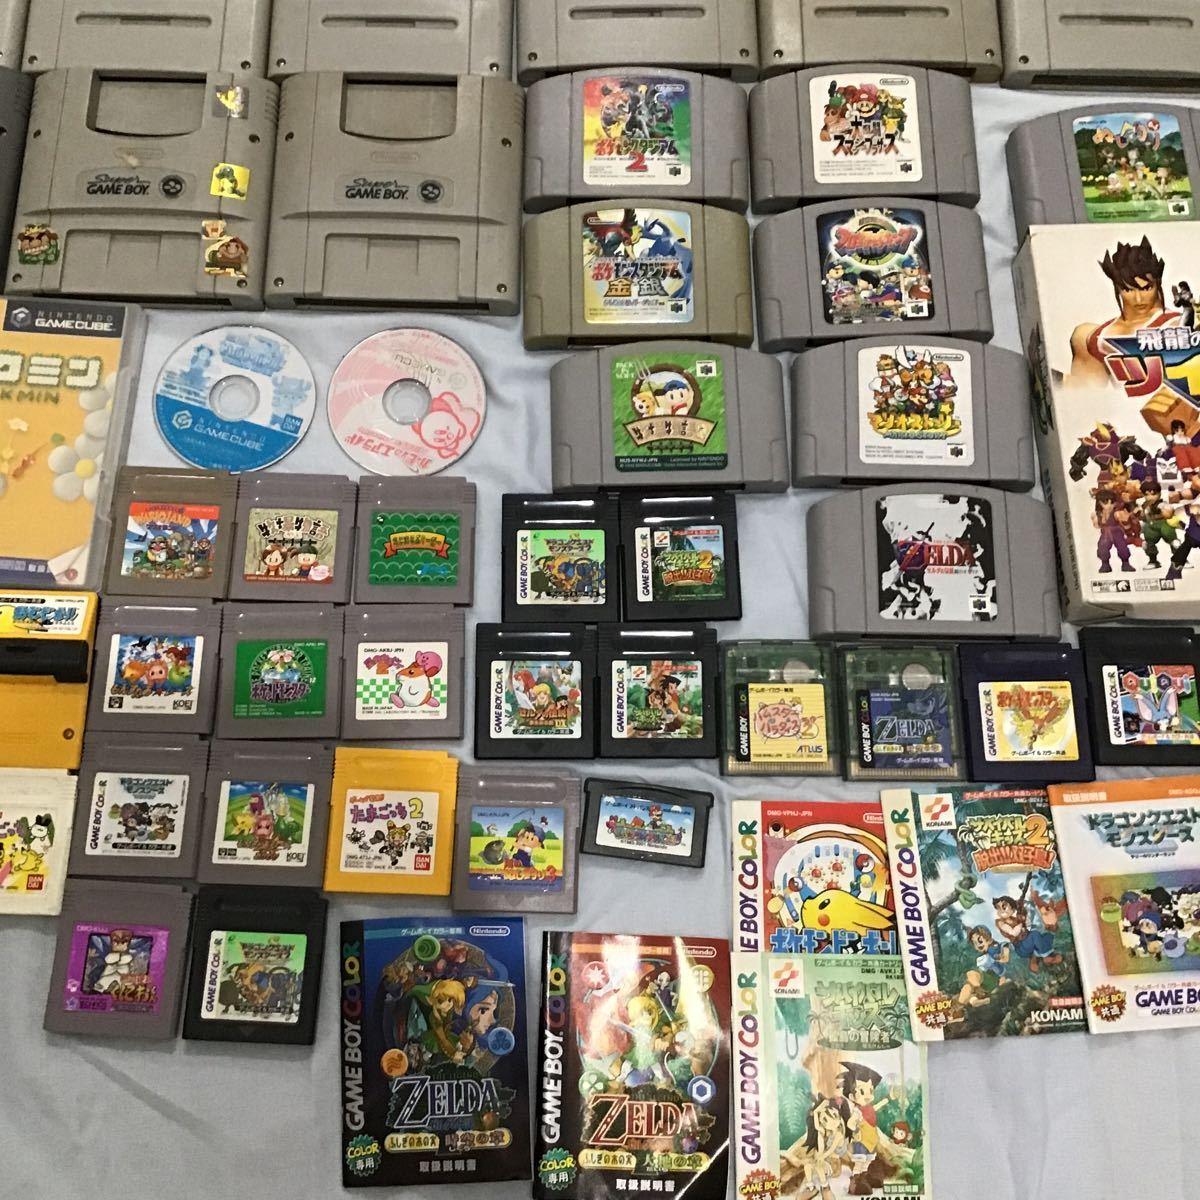 【中古任天堂ソフト】Nintendo ゲームボーイ ゲームボーイカラー スーパーファミコン 64 アドバンス DS キューブ まとめて87点_画像9